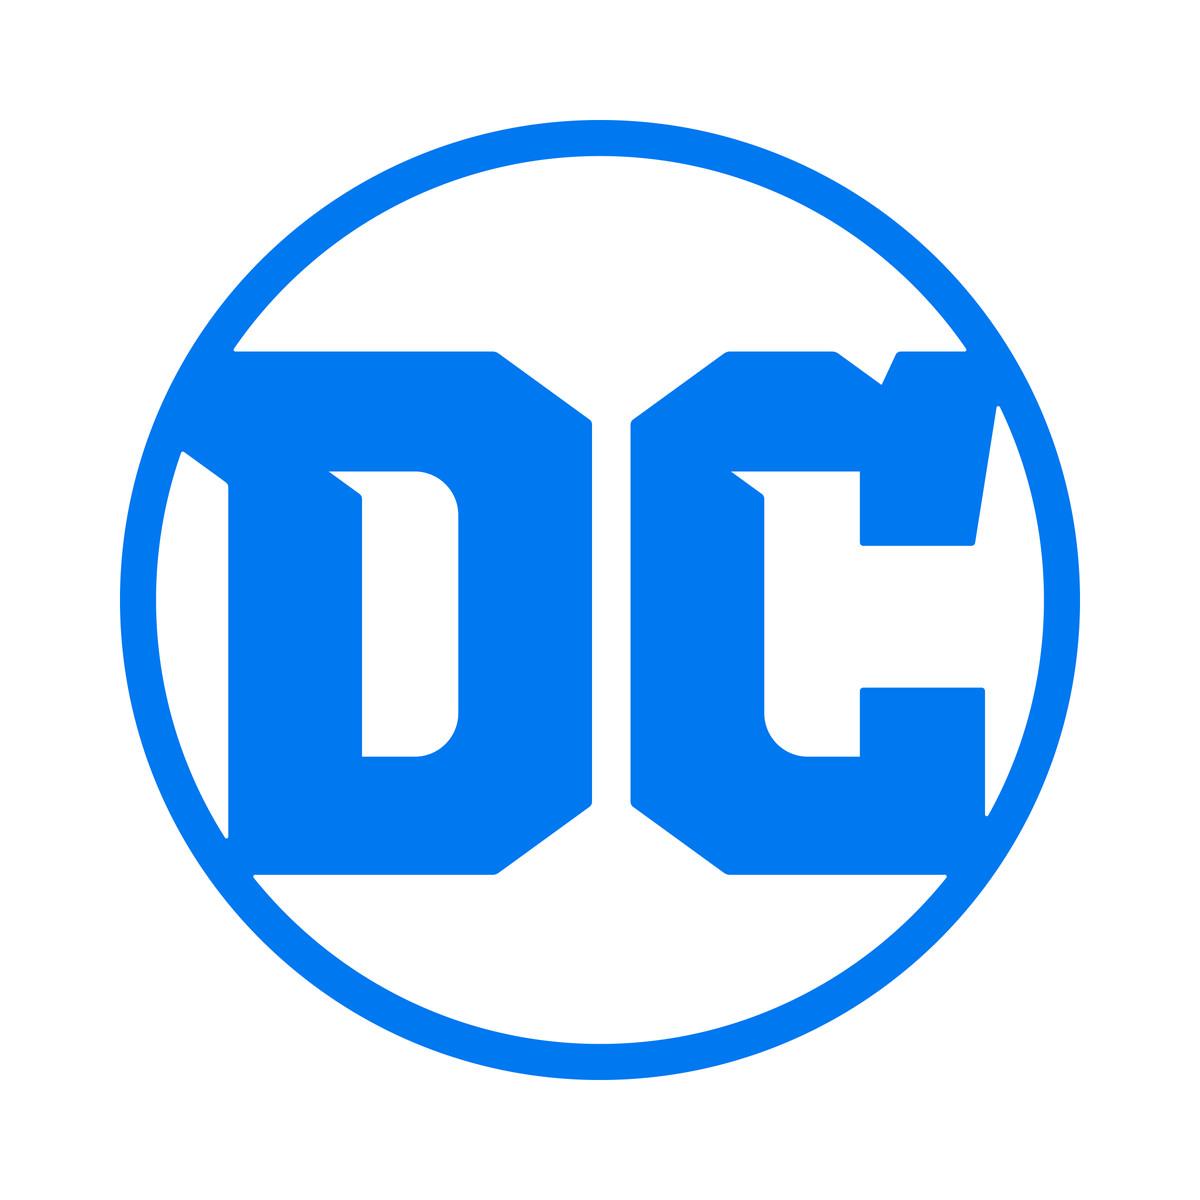 DC entre os 10 melhores da lingua inglesa 10